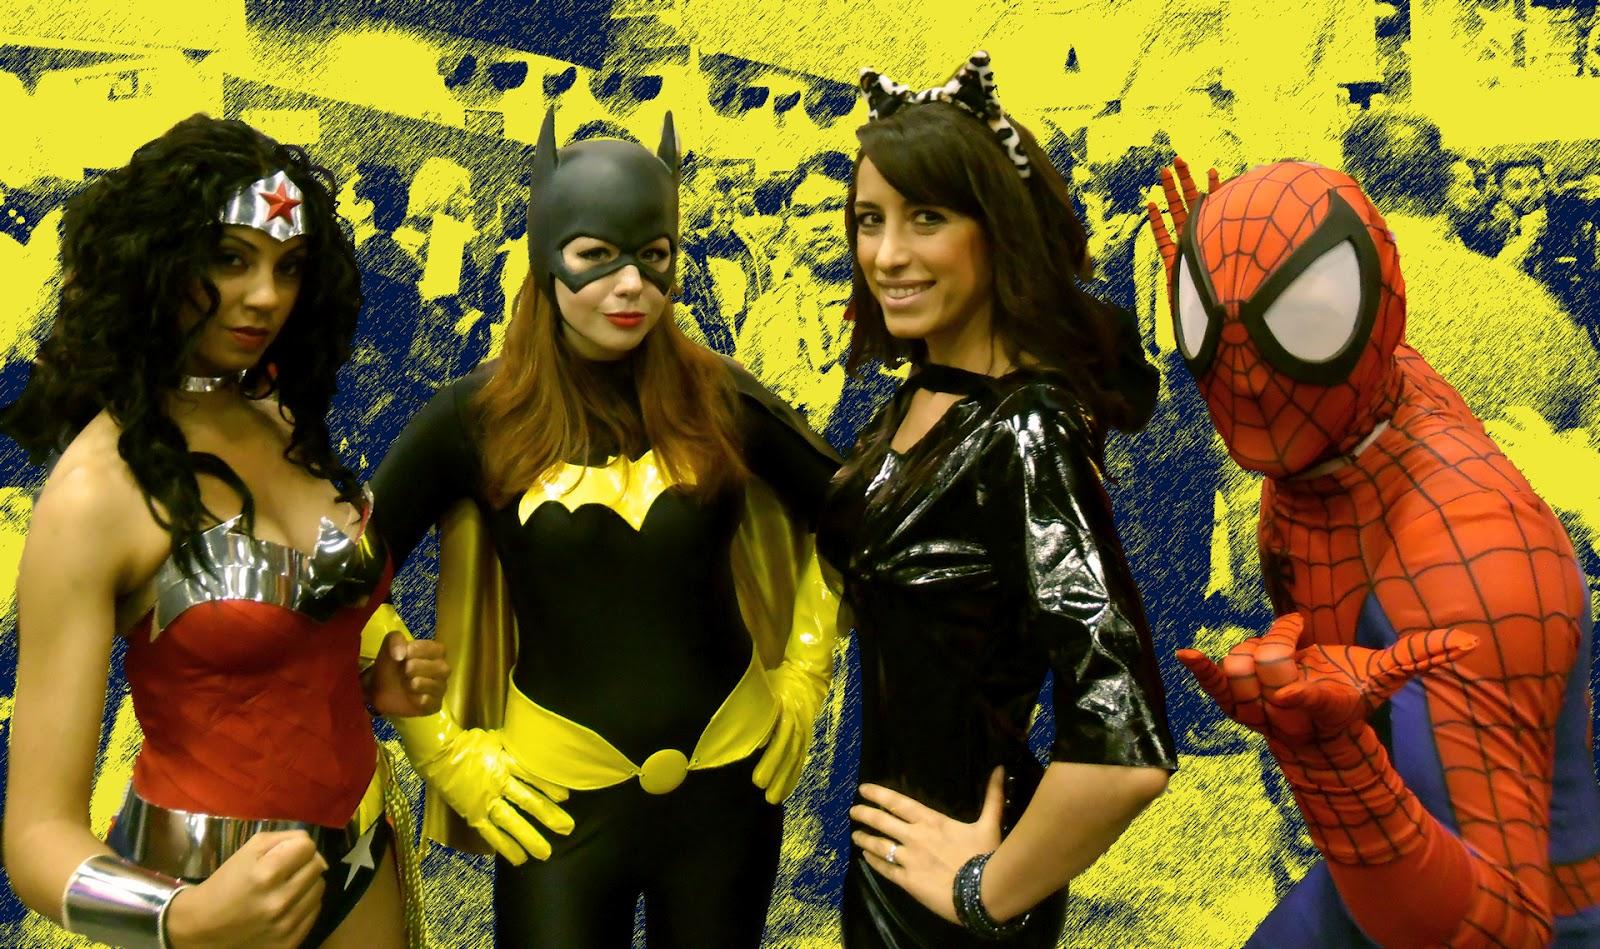 http://1.bp.blogspot.com/-g__M72Yib1Y/UAMSPEoMYkI/AAAAAAAAAxE/suvhlww0nx8/s1600/MediaComicCon2012_girls.jpg